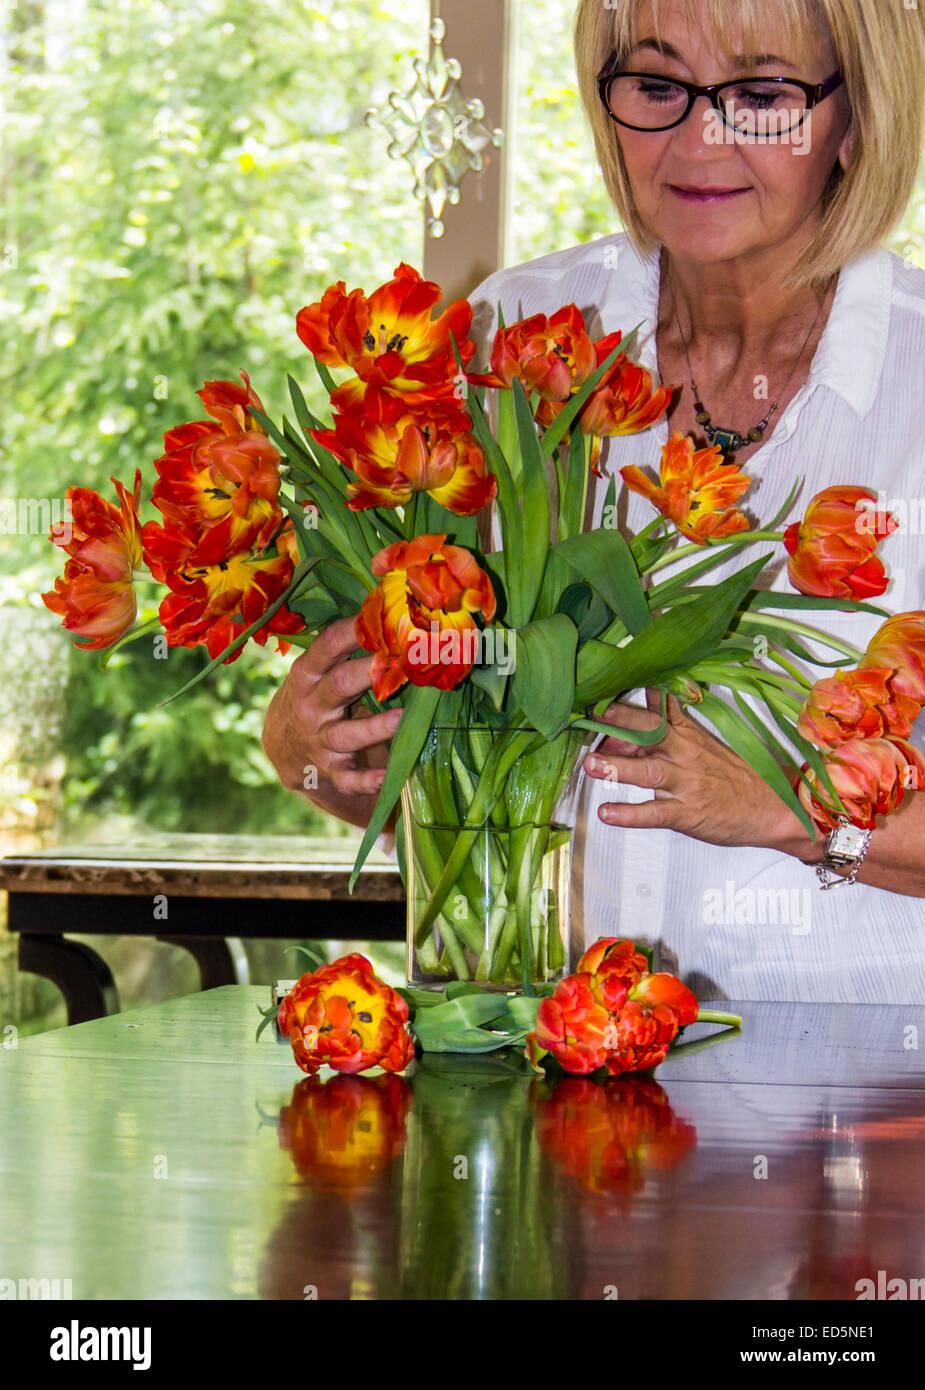 Adulta e matura donna caucasica disponendo un vaso di fiori o di tulipani in una luminosa casa con windows. Immagini Stock